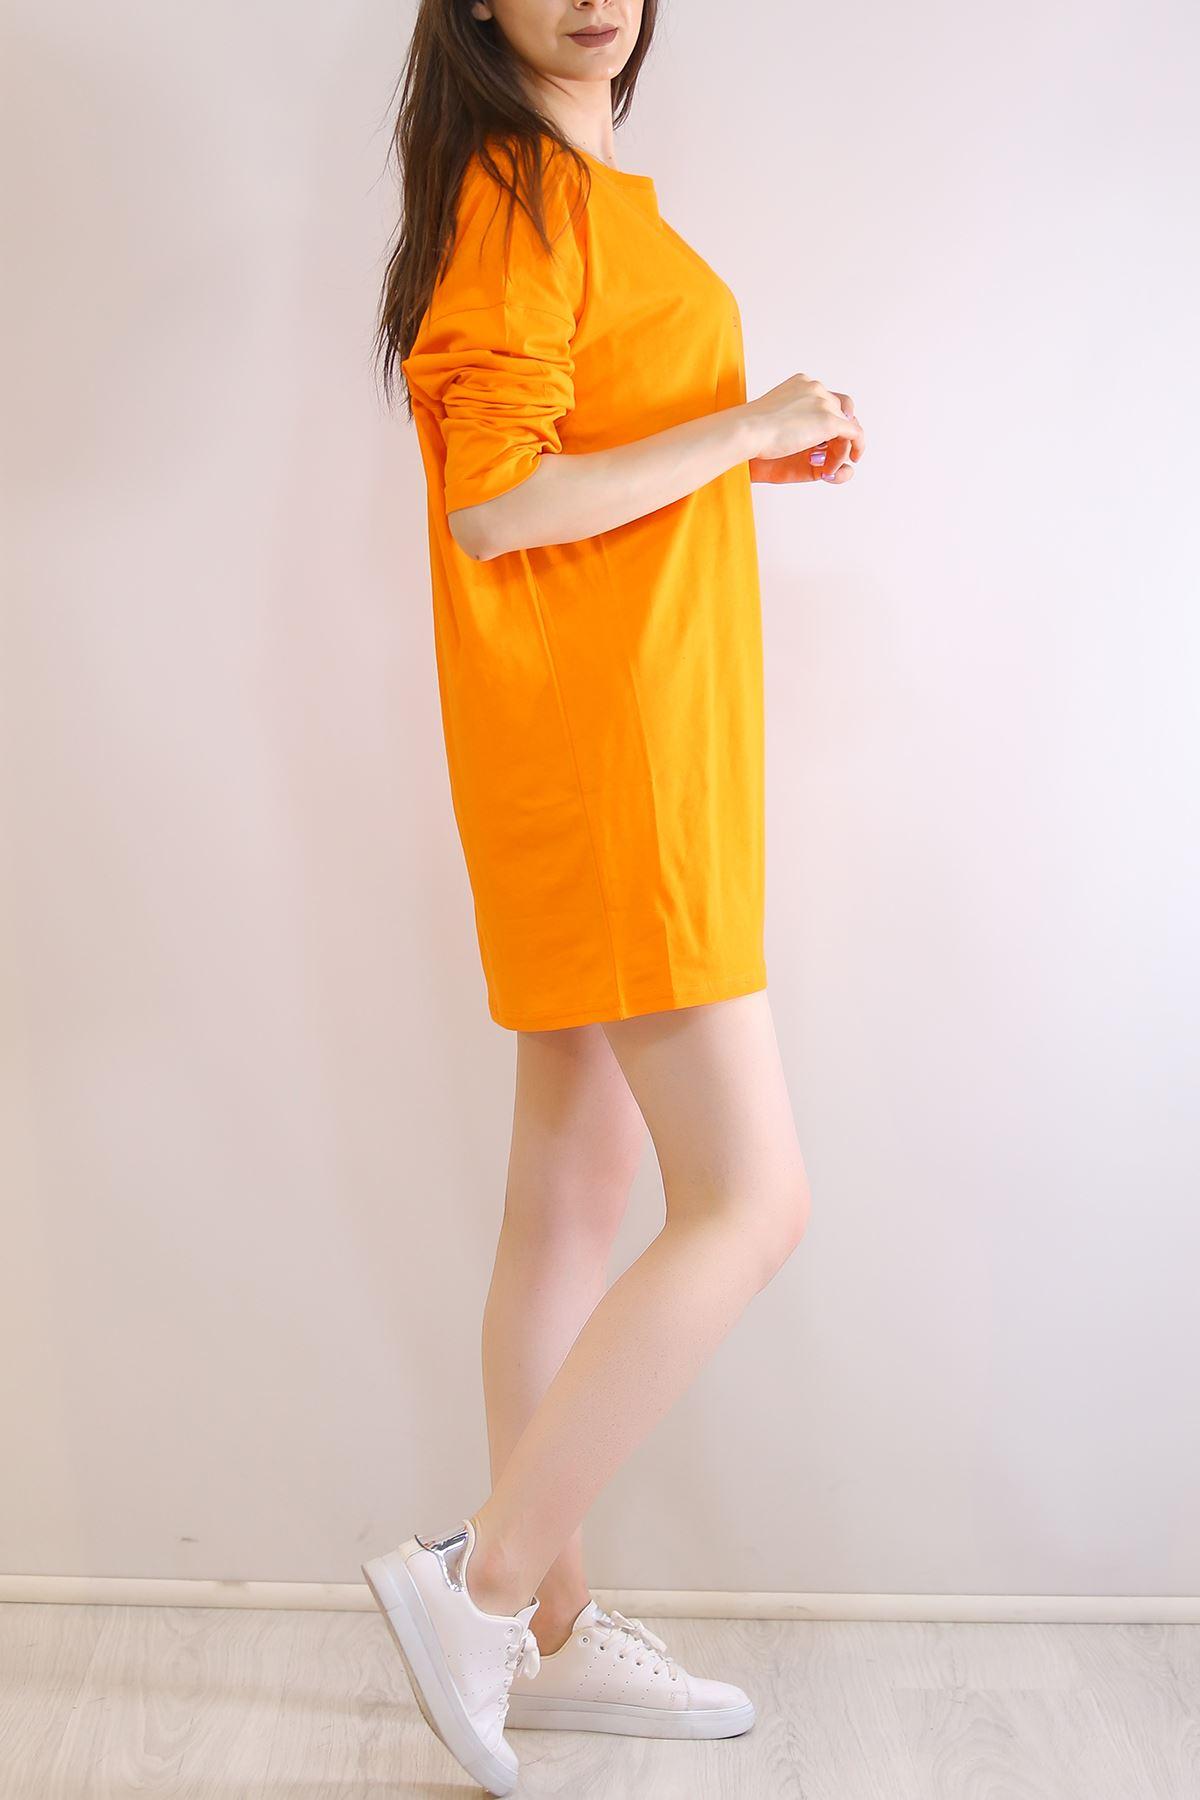 Kapri Kol Tunik Oranj - 2216.105.